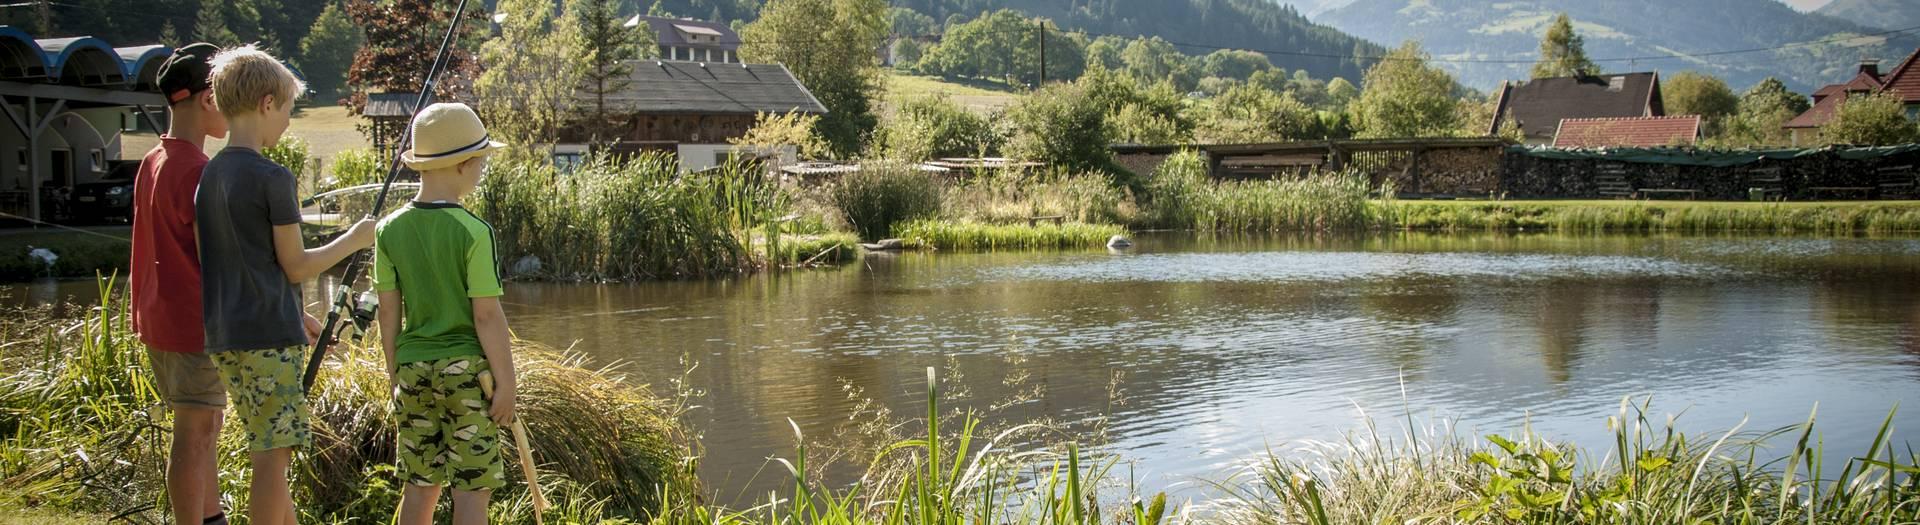 Kinder fischen in Feld am See